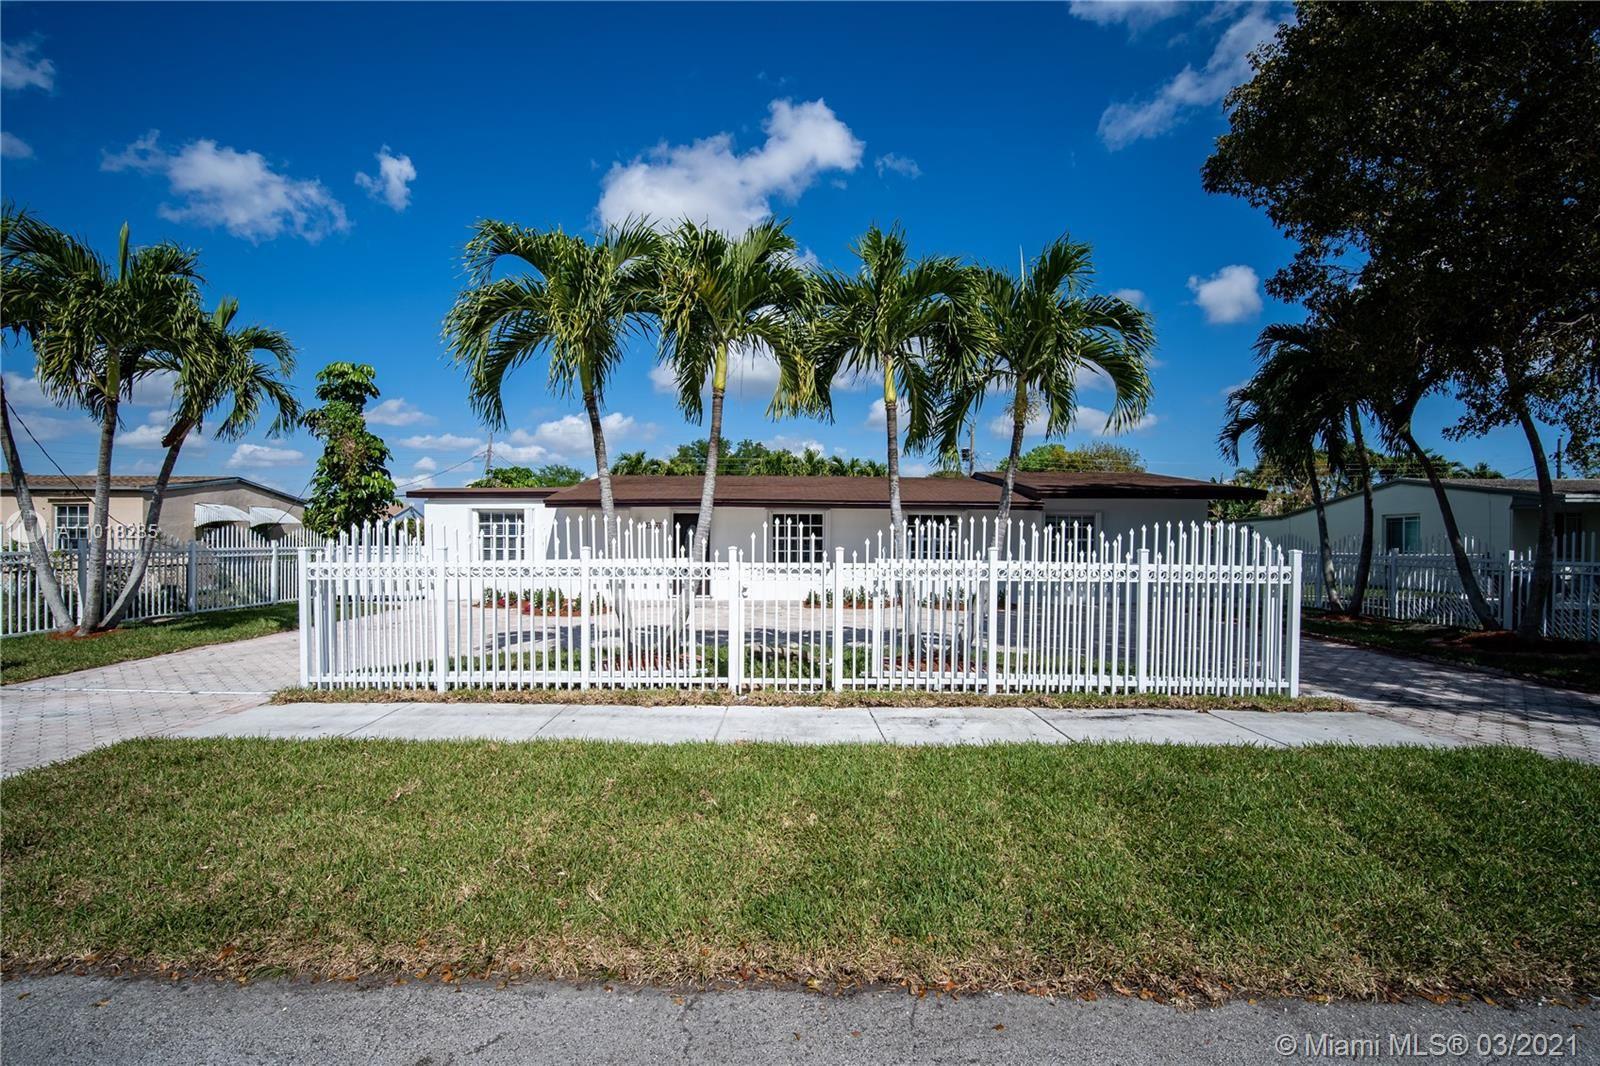 5345 SW 99th Ave, Miami, FL 33165 - #: A11018285